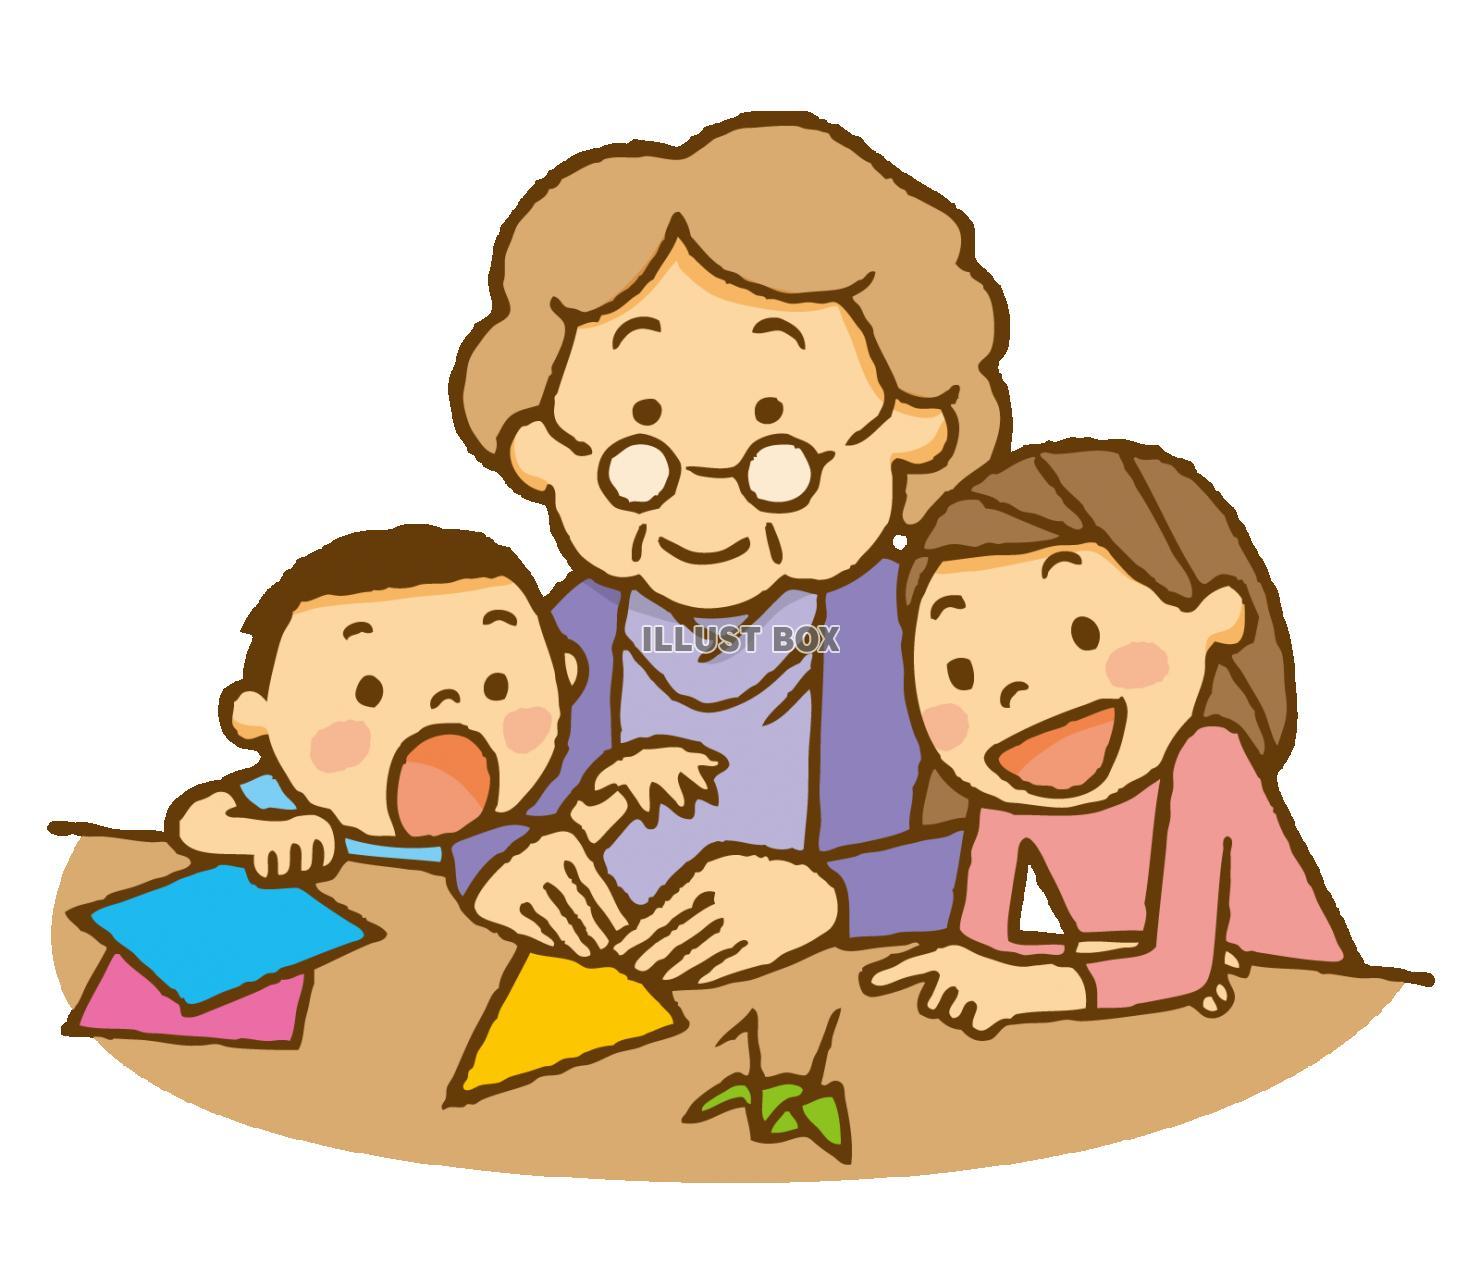 無料イラスト 敬老の日おばあちゃんと孫で折紙遊び子ども折り鶴兄弟団らん